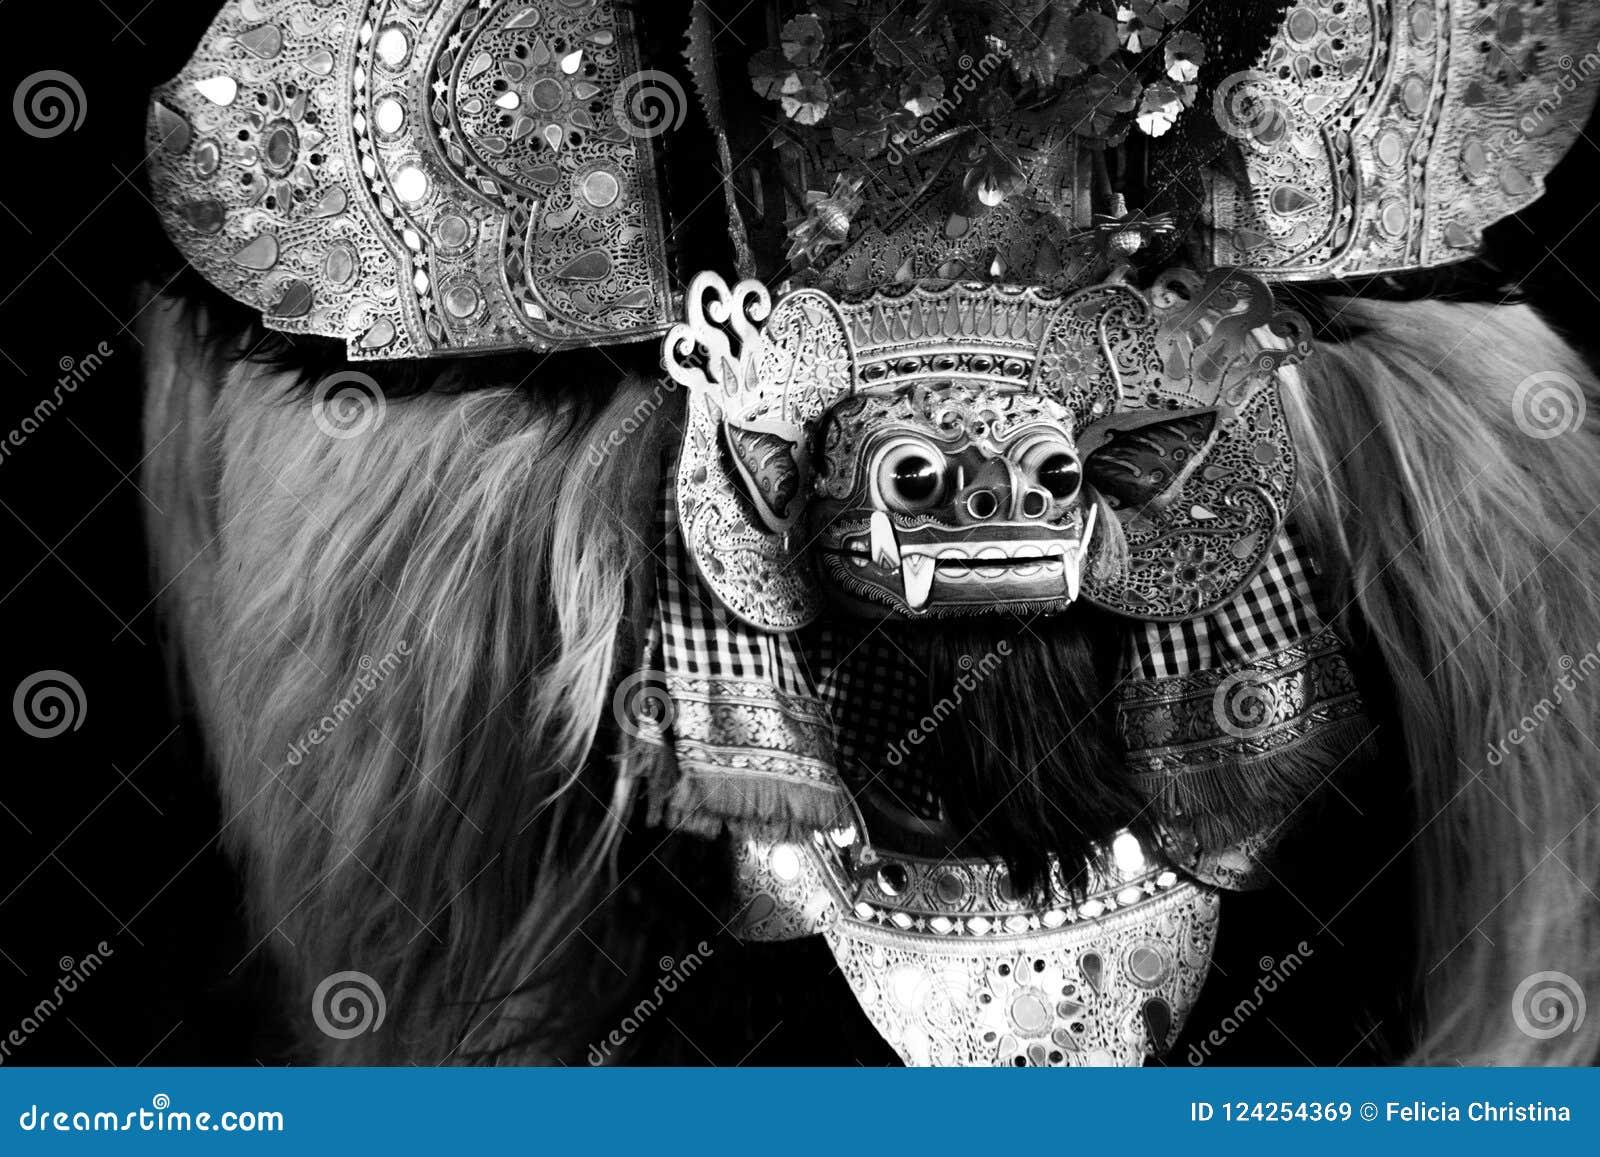 Barong, een schepsel in mythologie van Bali, Indonesië